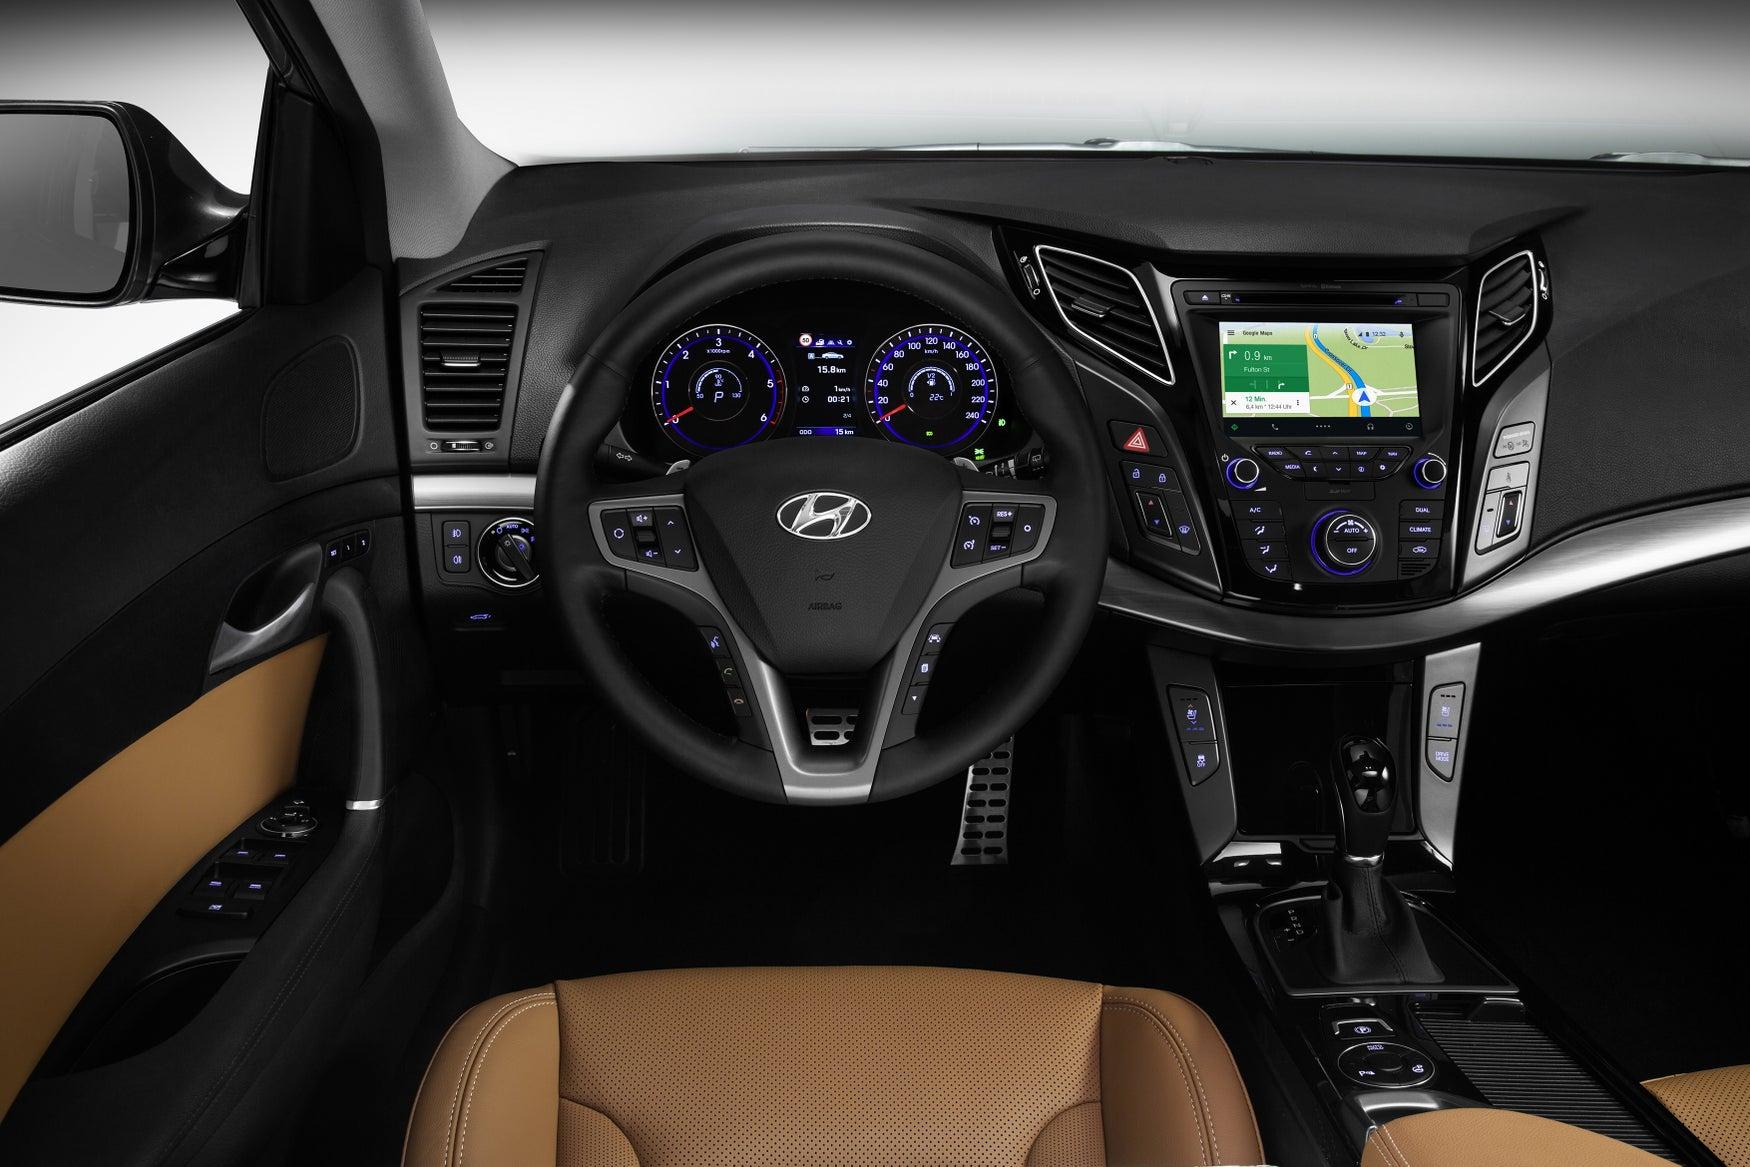 Hyundai Android Auto